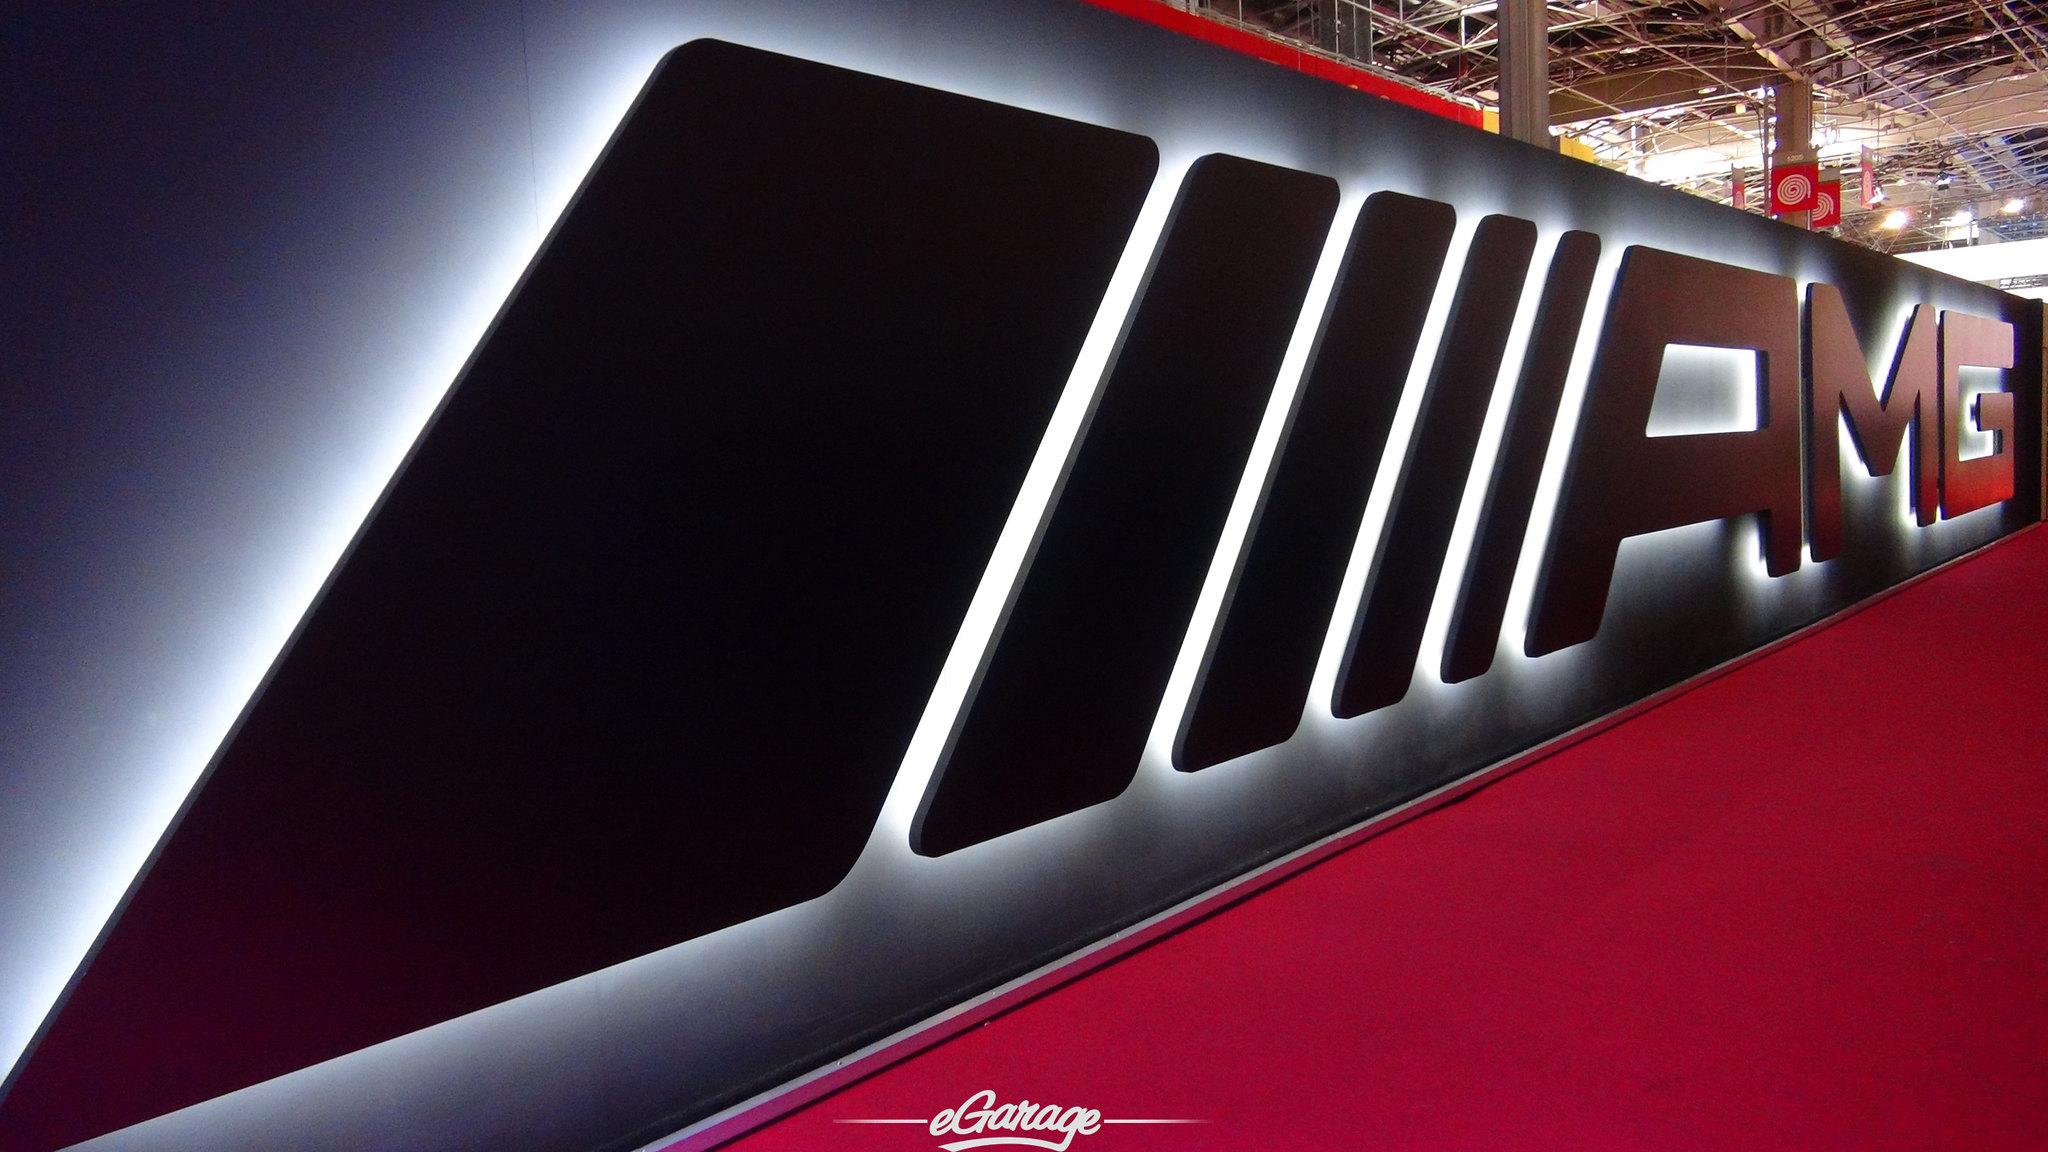 8034745029 a76fb8a2a3 k 2012 Paris Motor Show